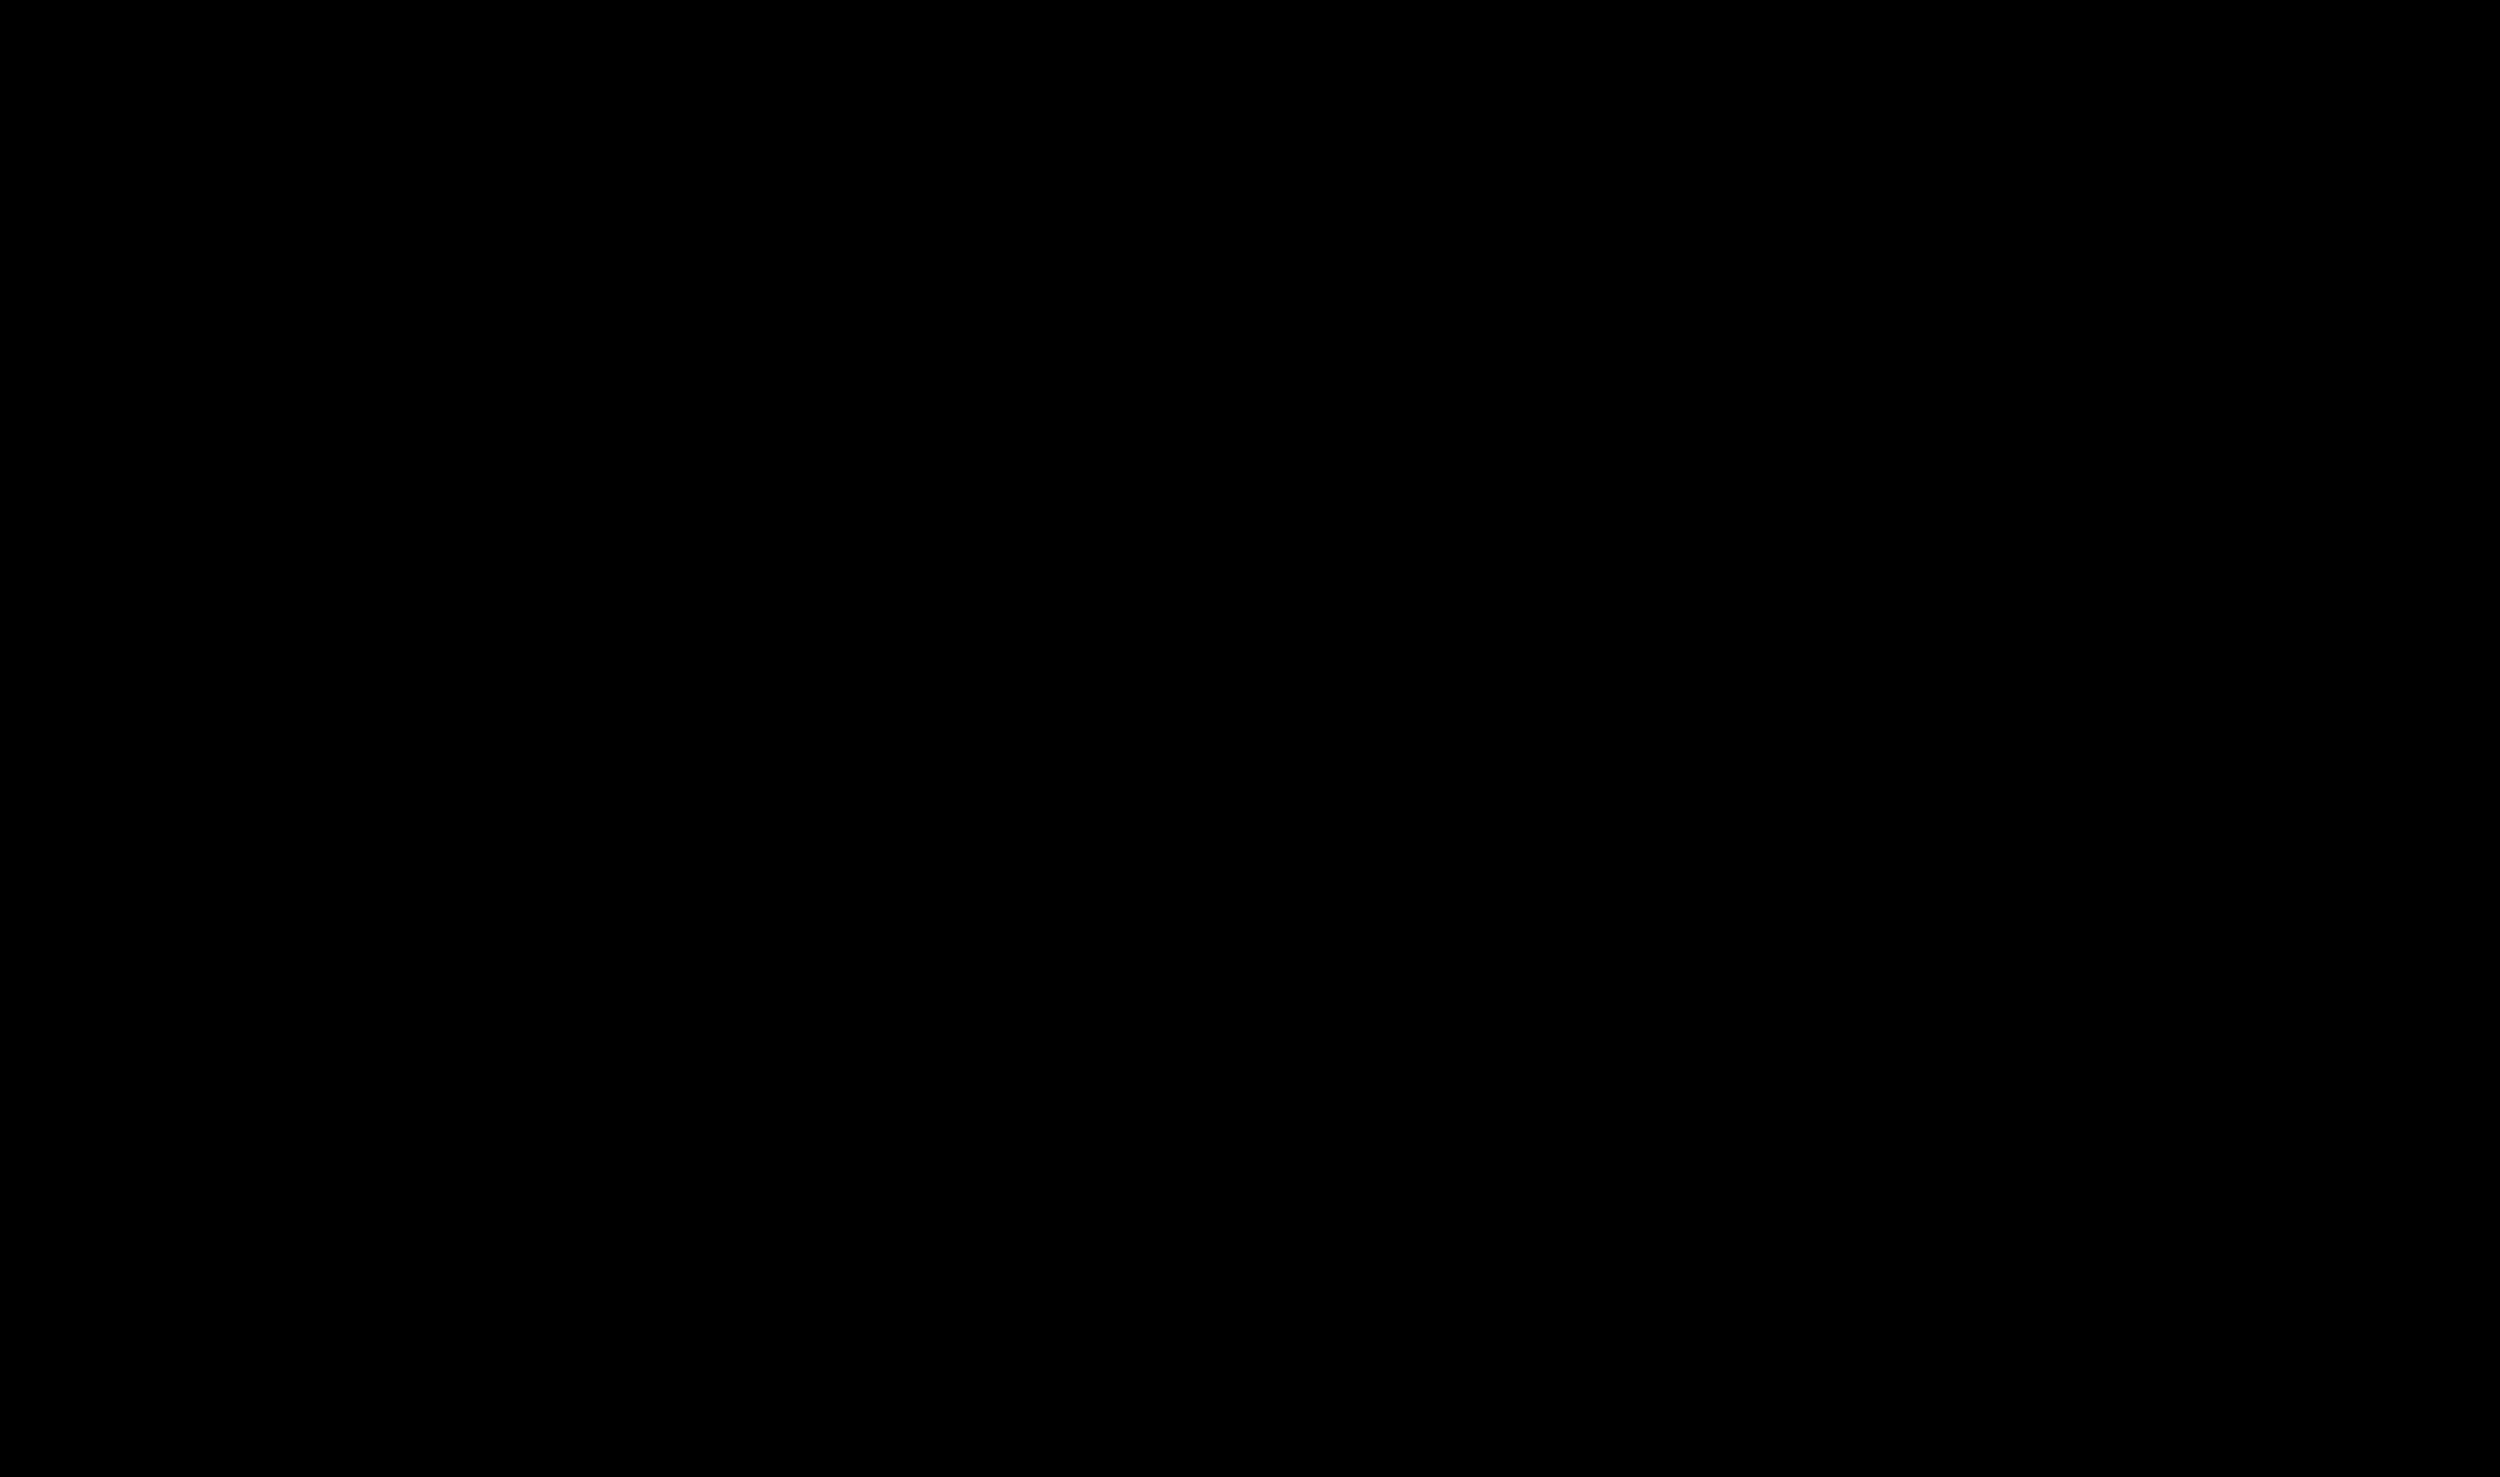 Logo_1-11.png